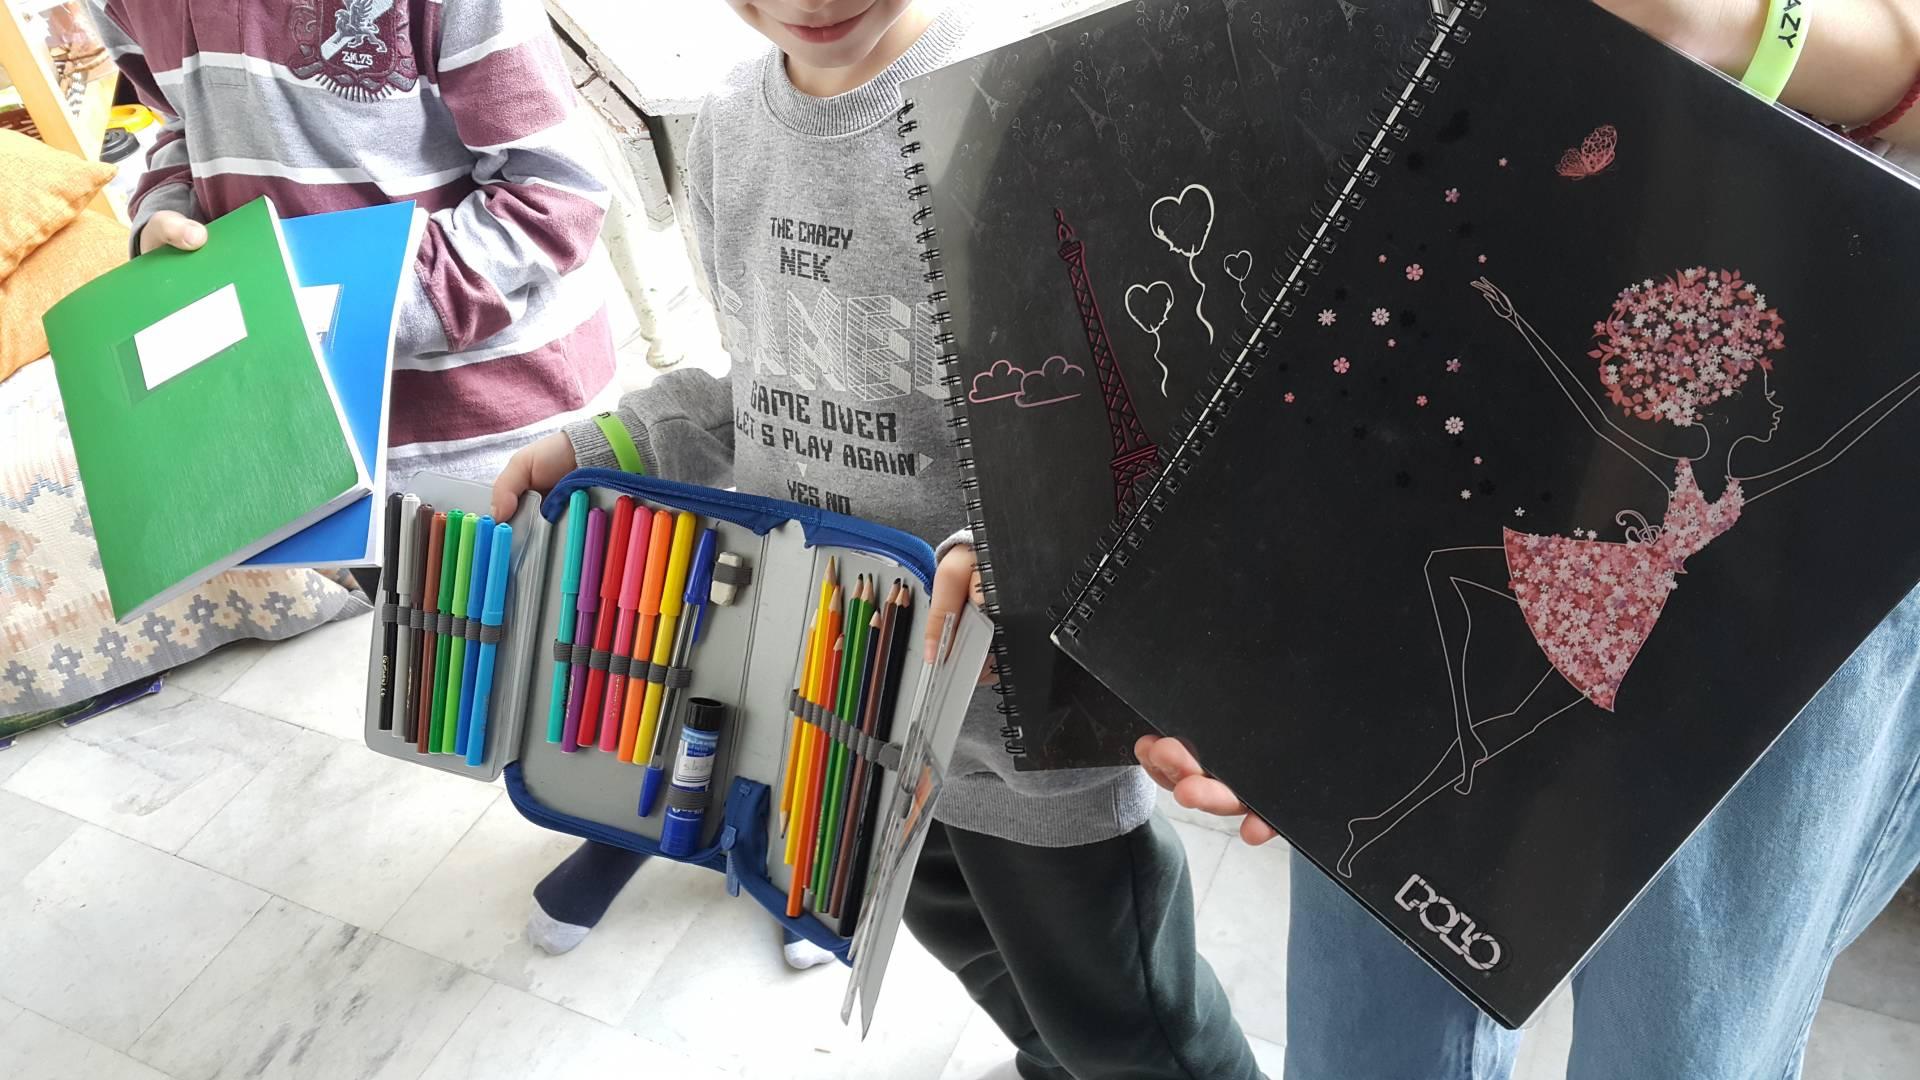 Κέντρο Νεότητας Ι.Μ. Γρεβενών: Προσφορά Γραφικής Ύλης στα παιδιά της Καρδίτσας